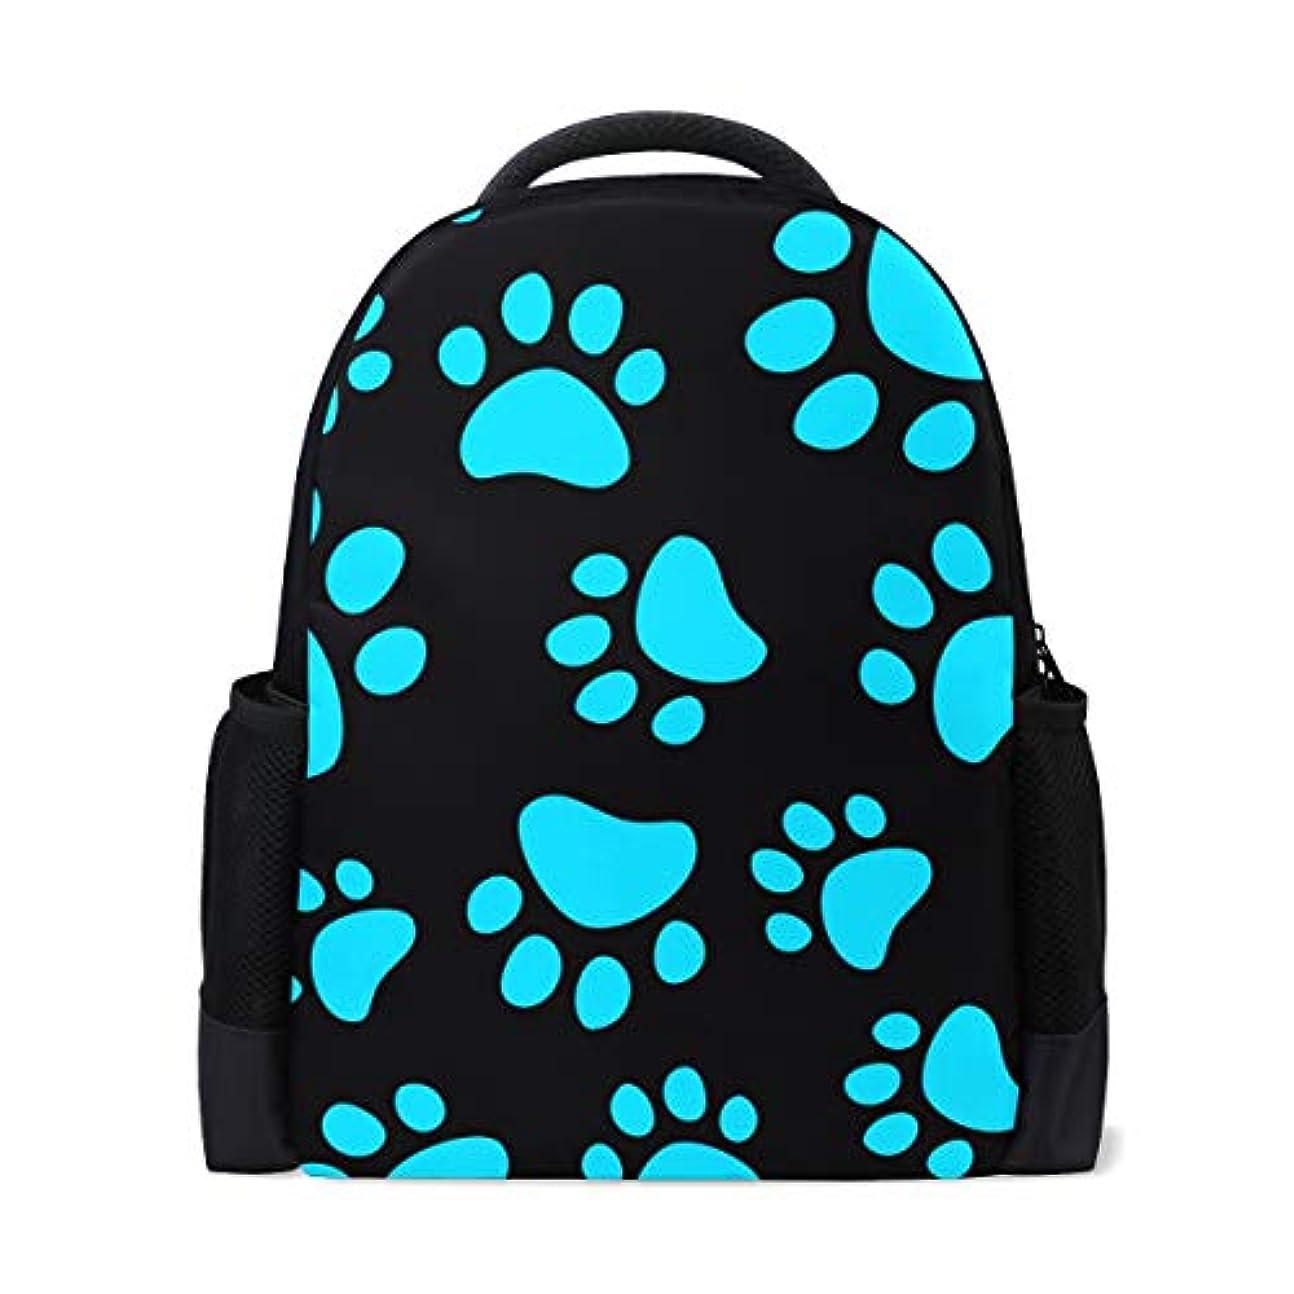 確立します伝説便宜Anmumi リュック 人気 大容量 通勤リュック 猫柄 足跡 萌え 黒 ブラック リュックサック バックパック おしゃれ レディース キッズ 通学 かわいい